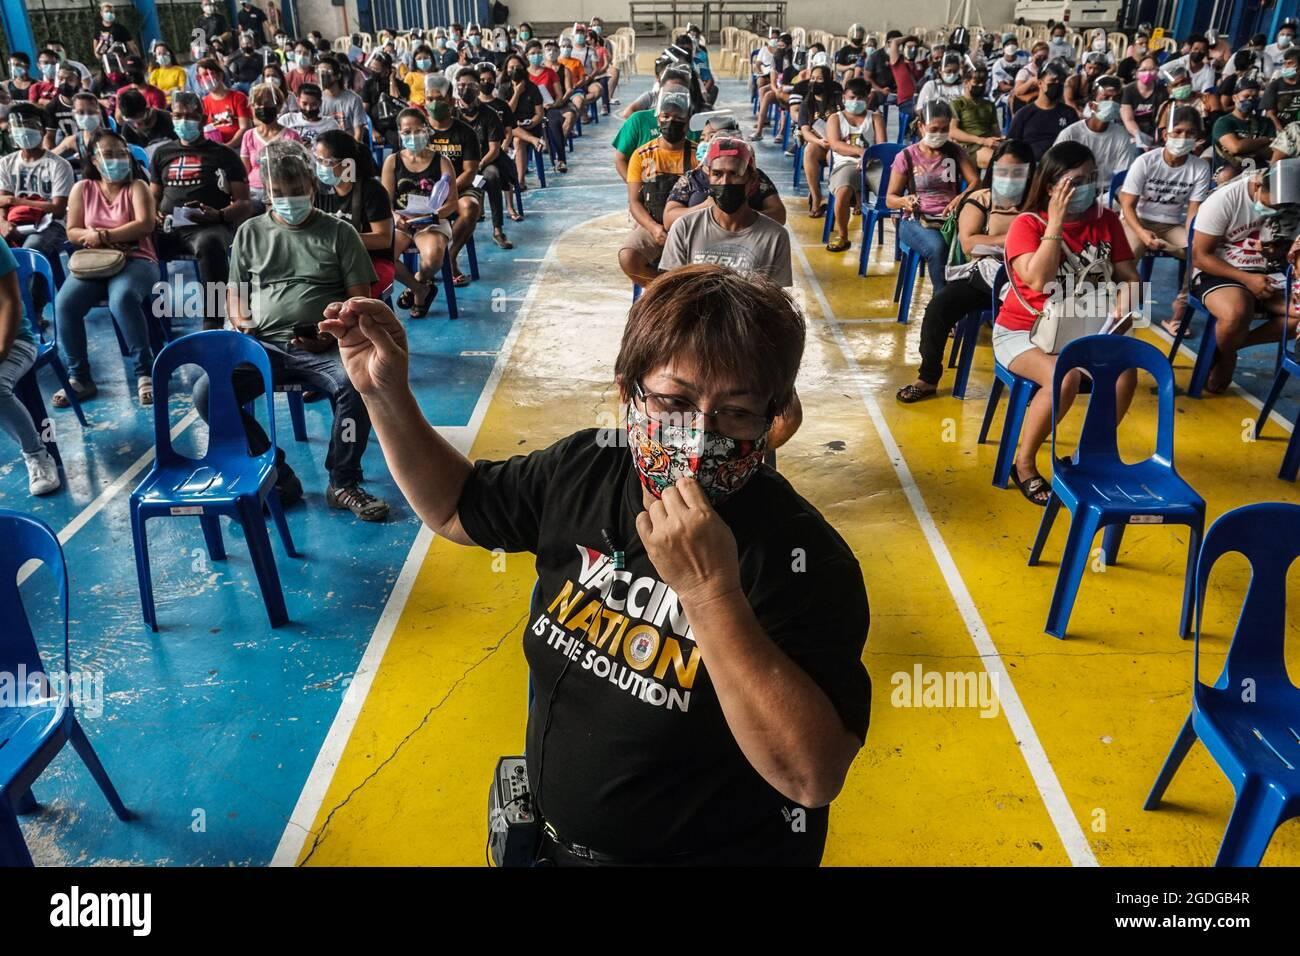 MANILLE, PHILIPPINES - 13 AOÛT 2021. La file d'attente de résidence philippine recevra la 1ère dose du vaccin SINOVAC COVID-19 à la Holy Trinity Academy de Manille, Philippines, le 13 août 2021. Dante Diosina Jr/Medialys Images/Alay Live News Banque D'Images